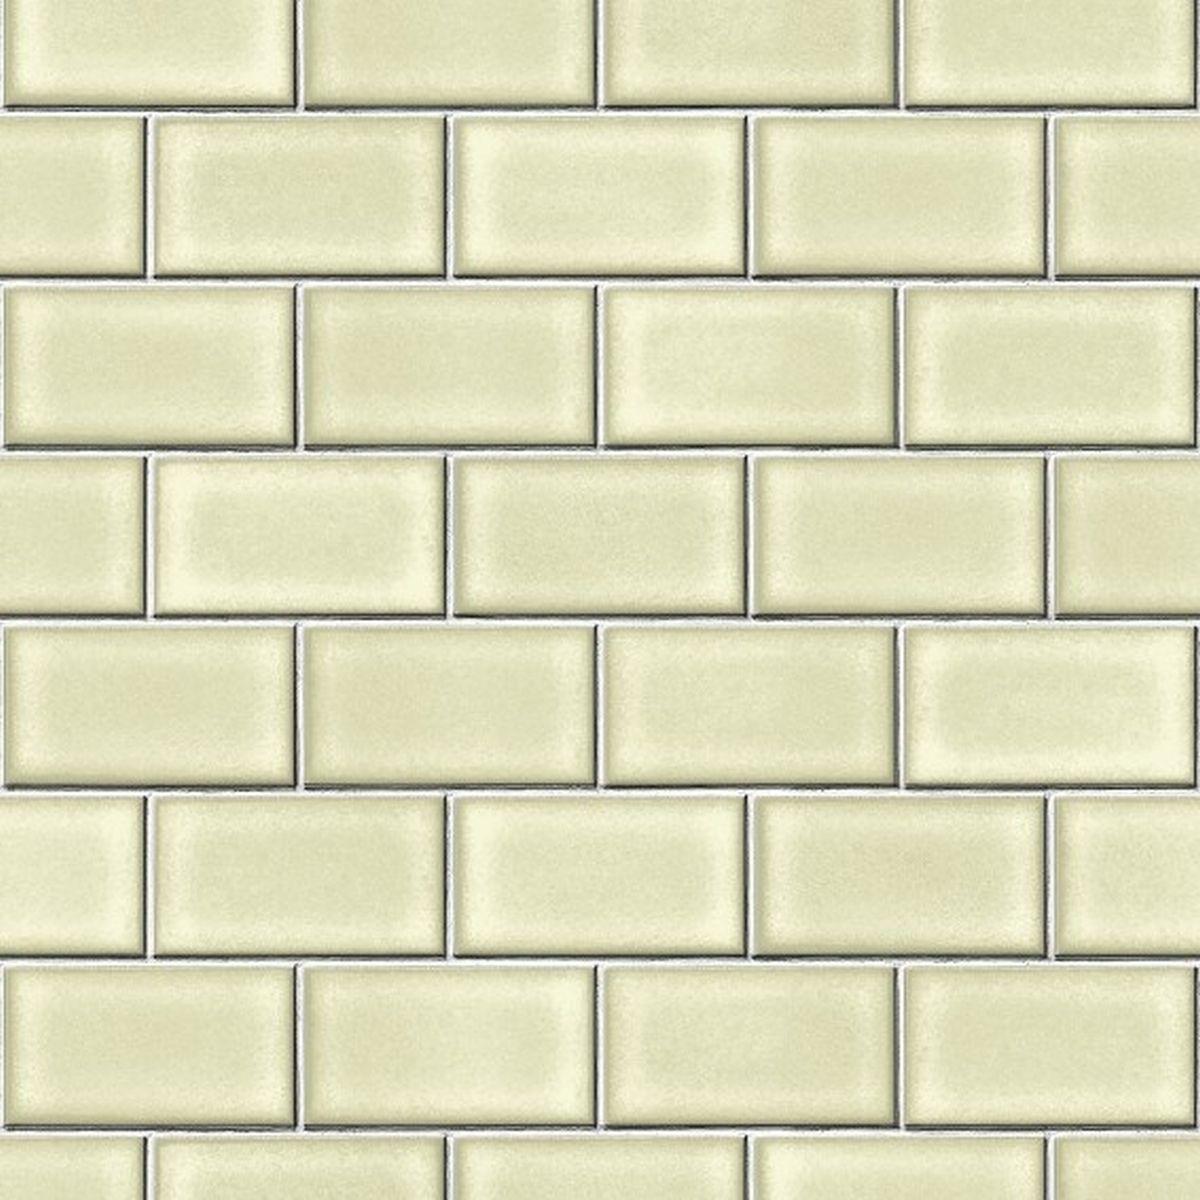 DesignID Vliestapete Ausgesuchte Designs BA220103 Grau Steintapete